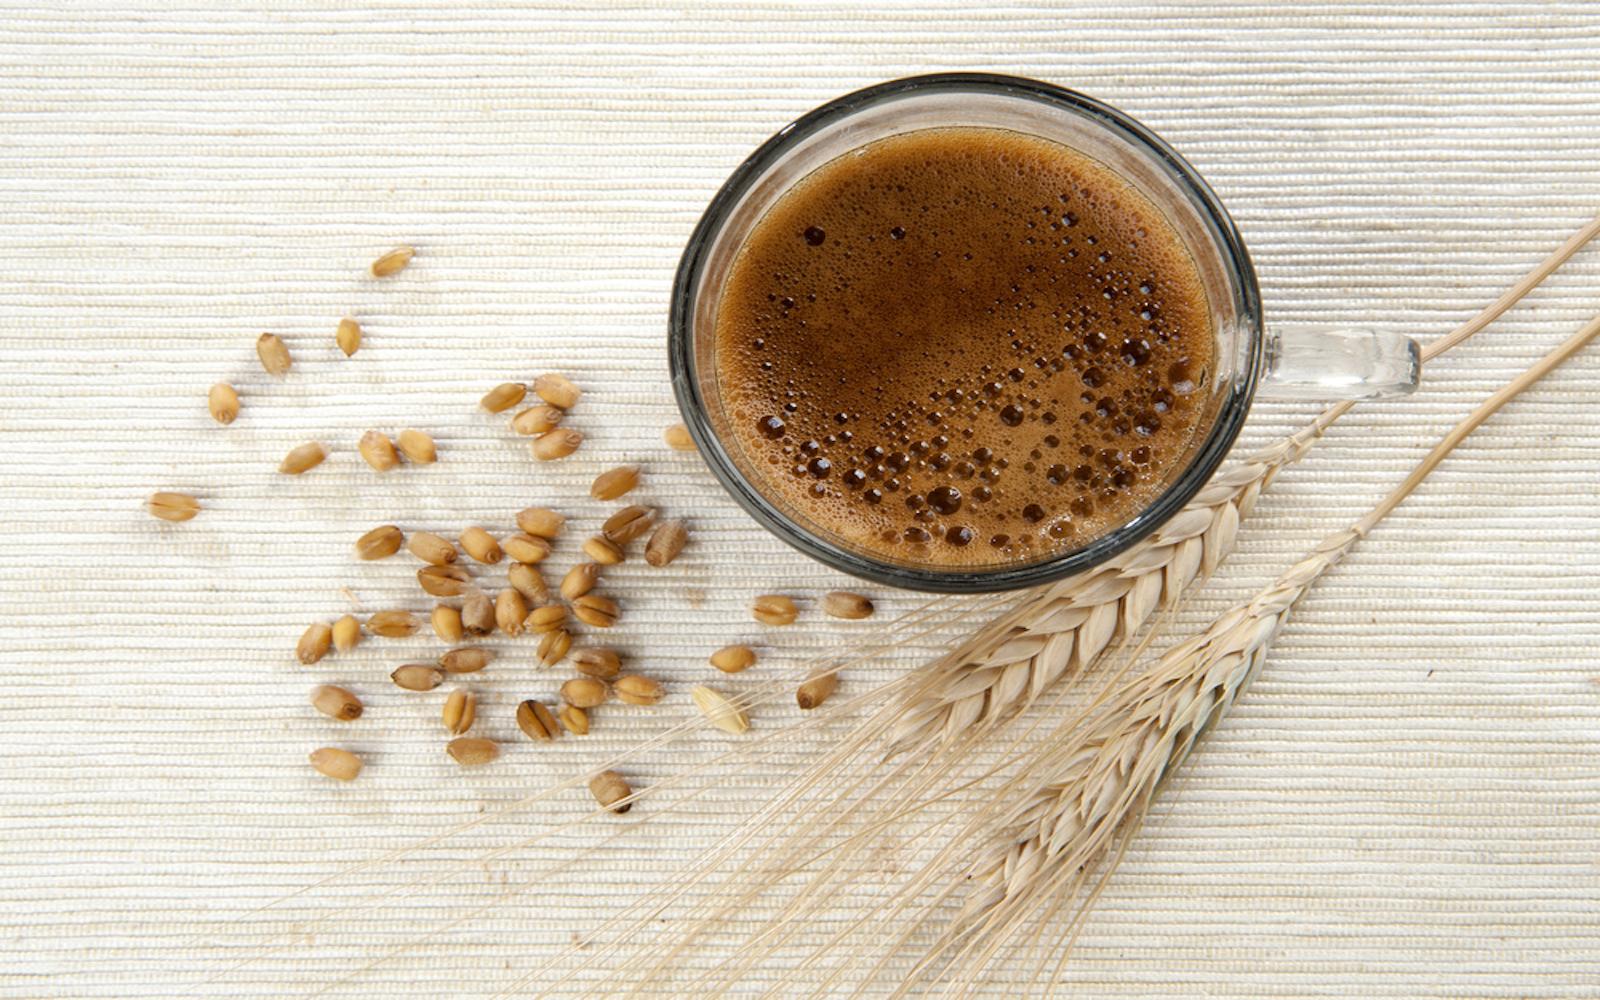 barley coffee vegan beverage